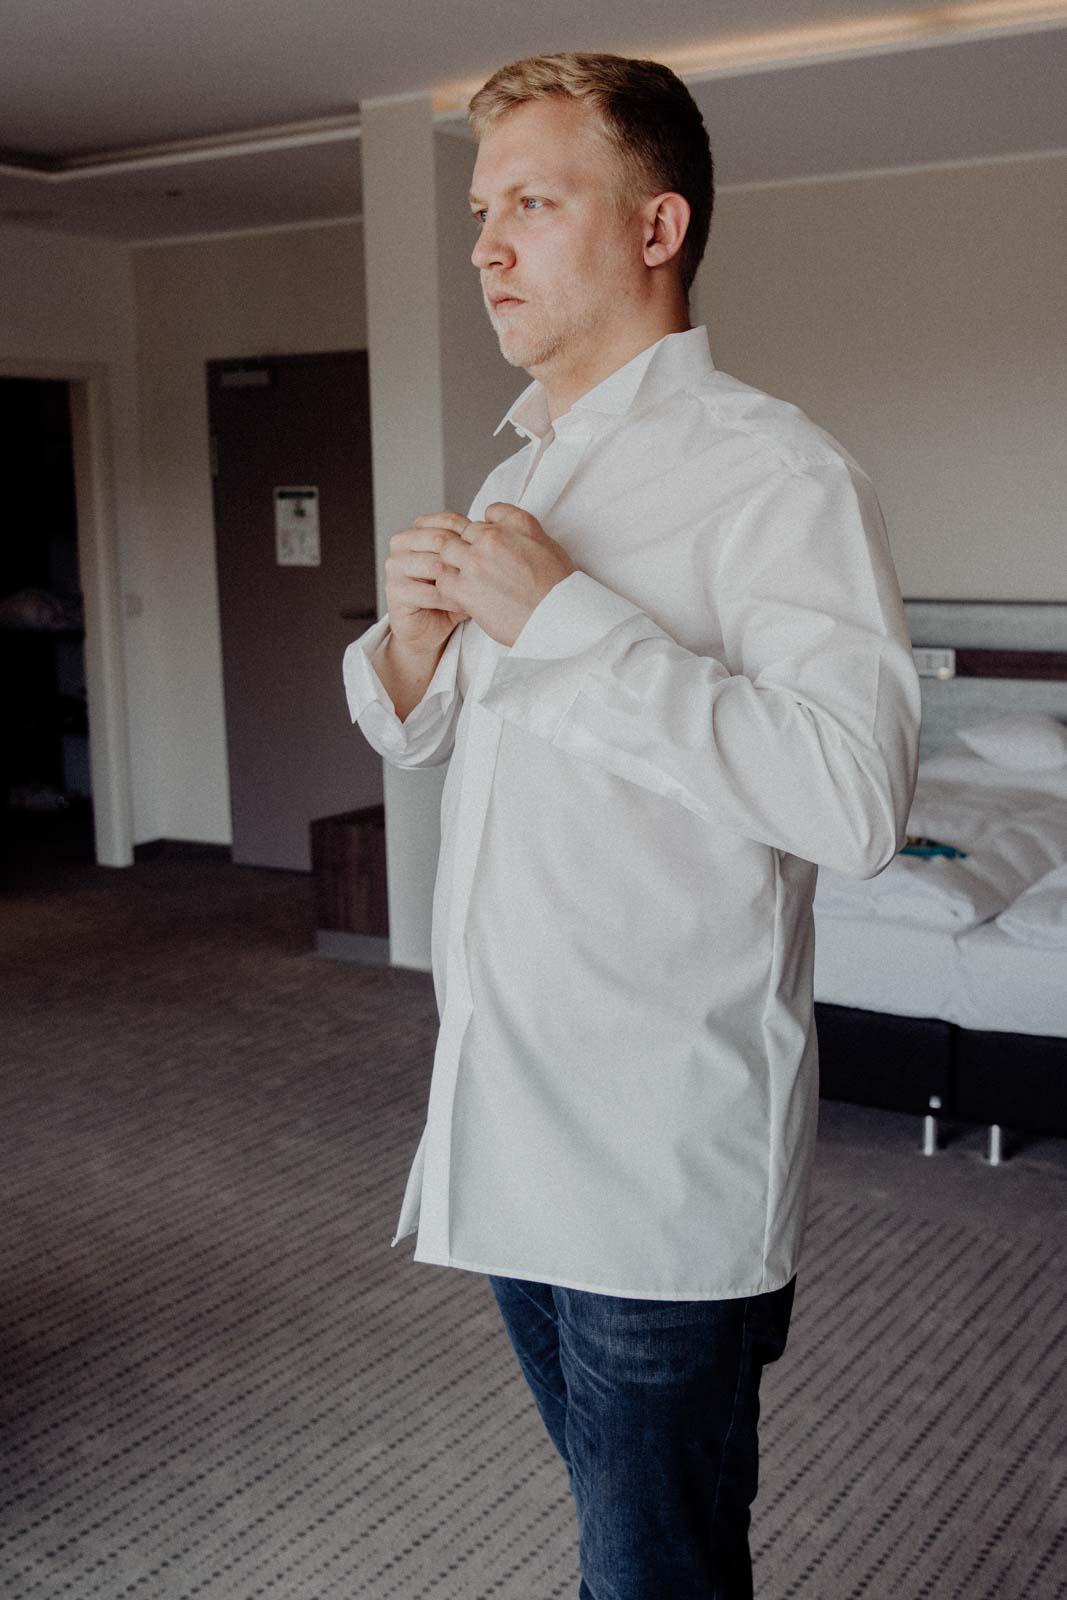 Braeutigam zieht sich im Hotelzimmer an